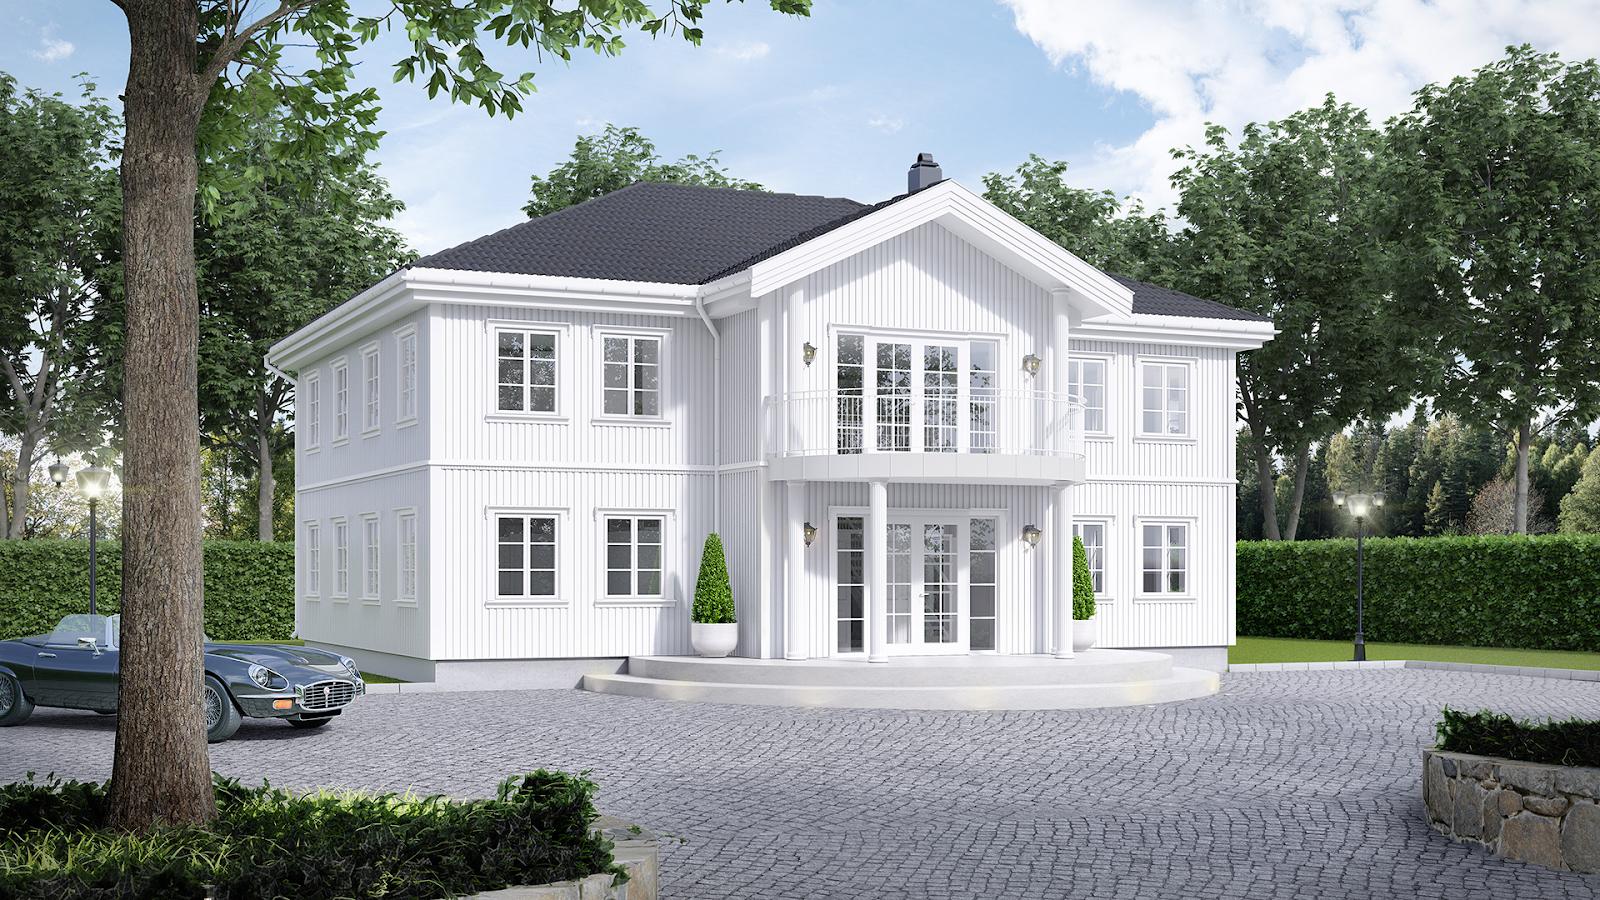 Herskapelig og tradisjonelt hus, byggefirma Askøy, bygg hus med det beste byggefirmaet i Askøy